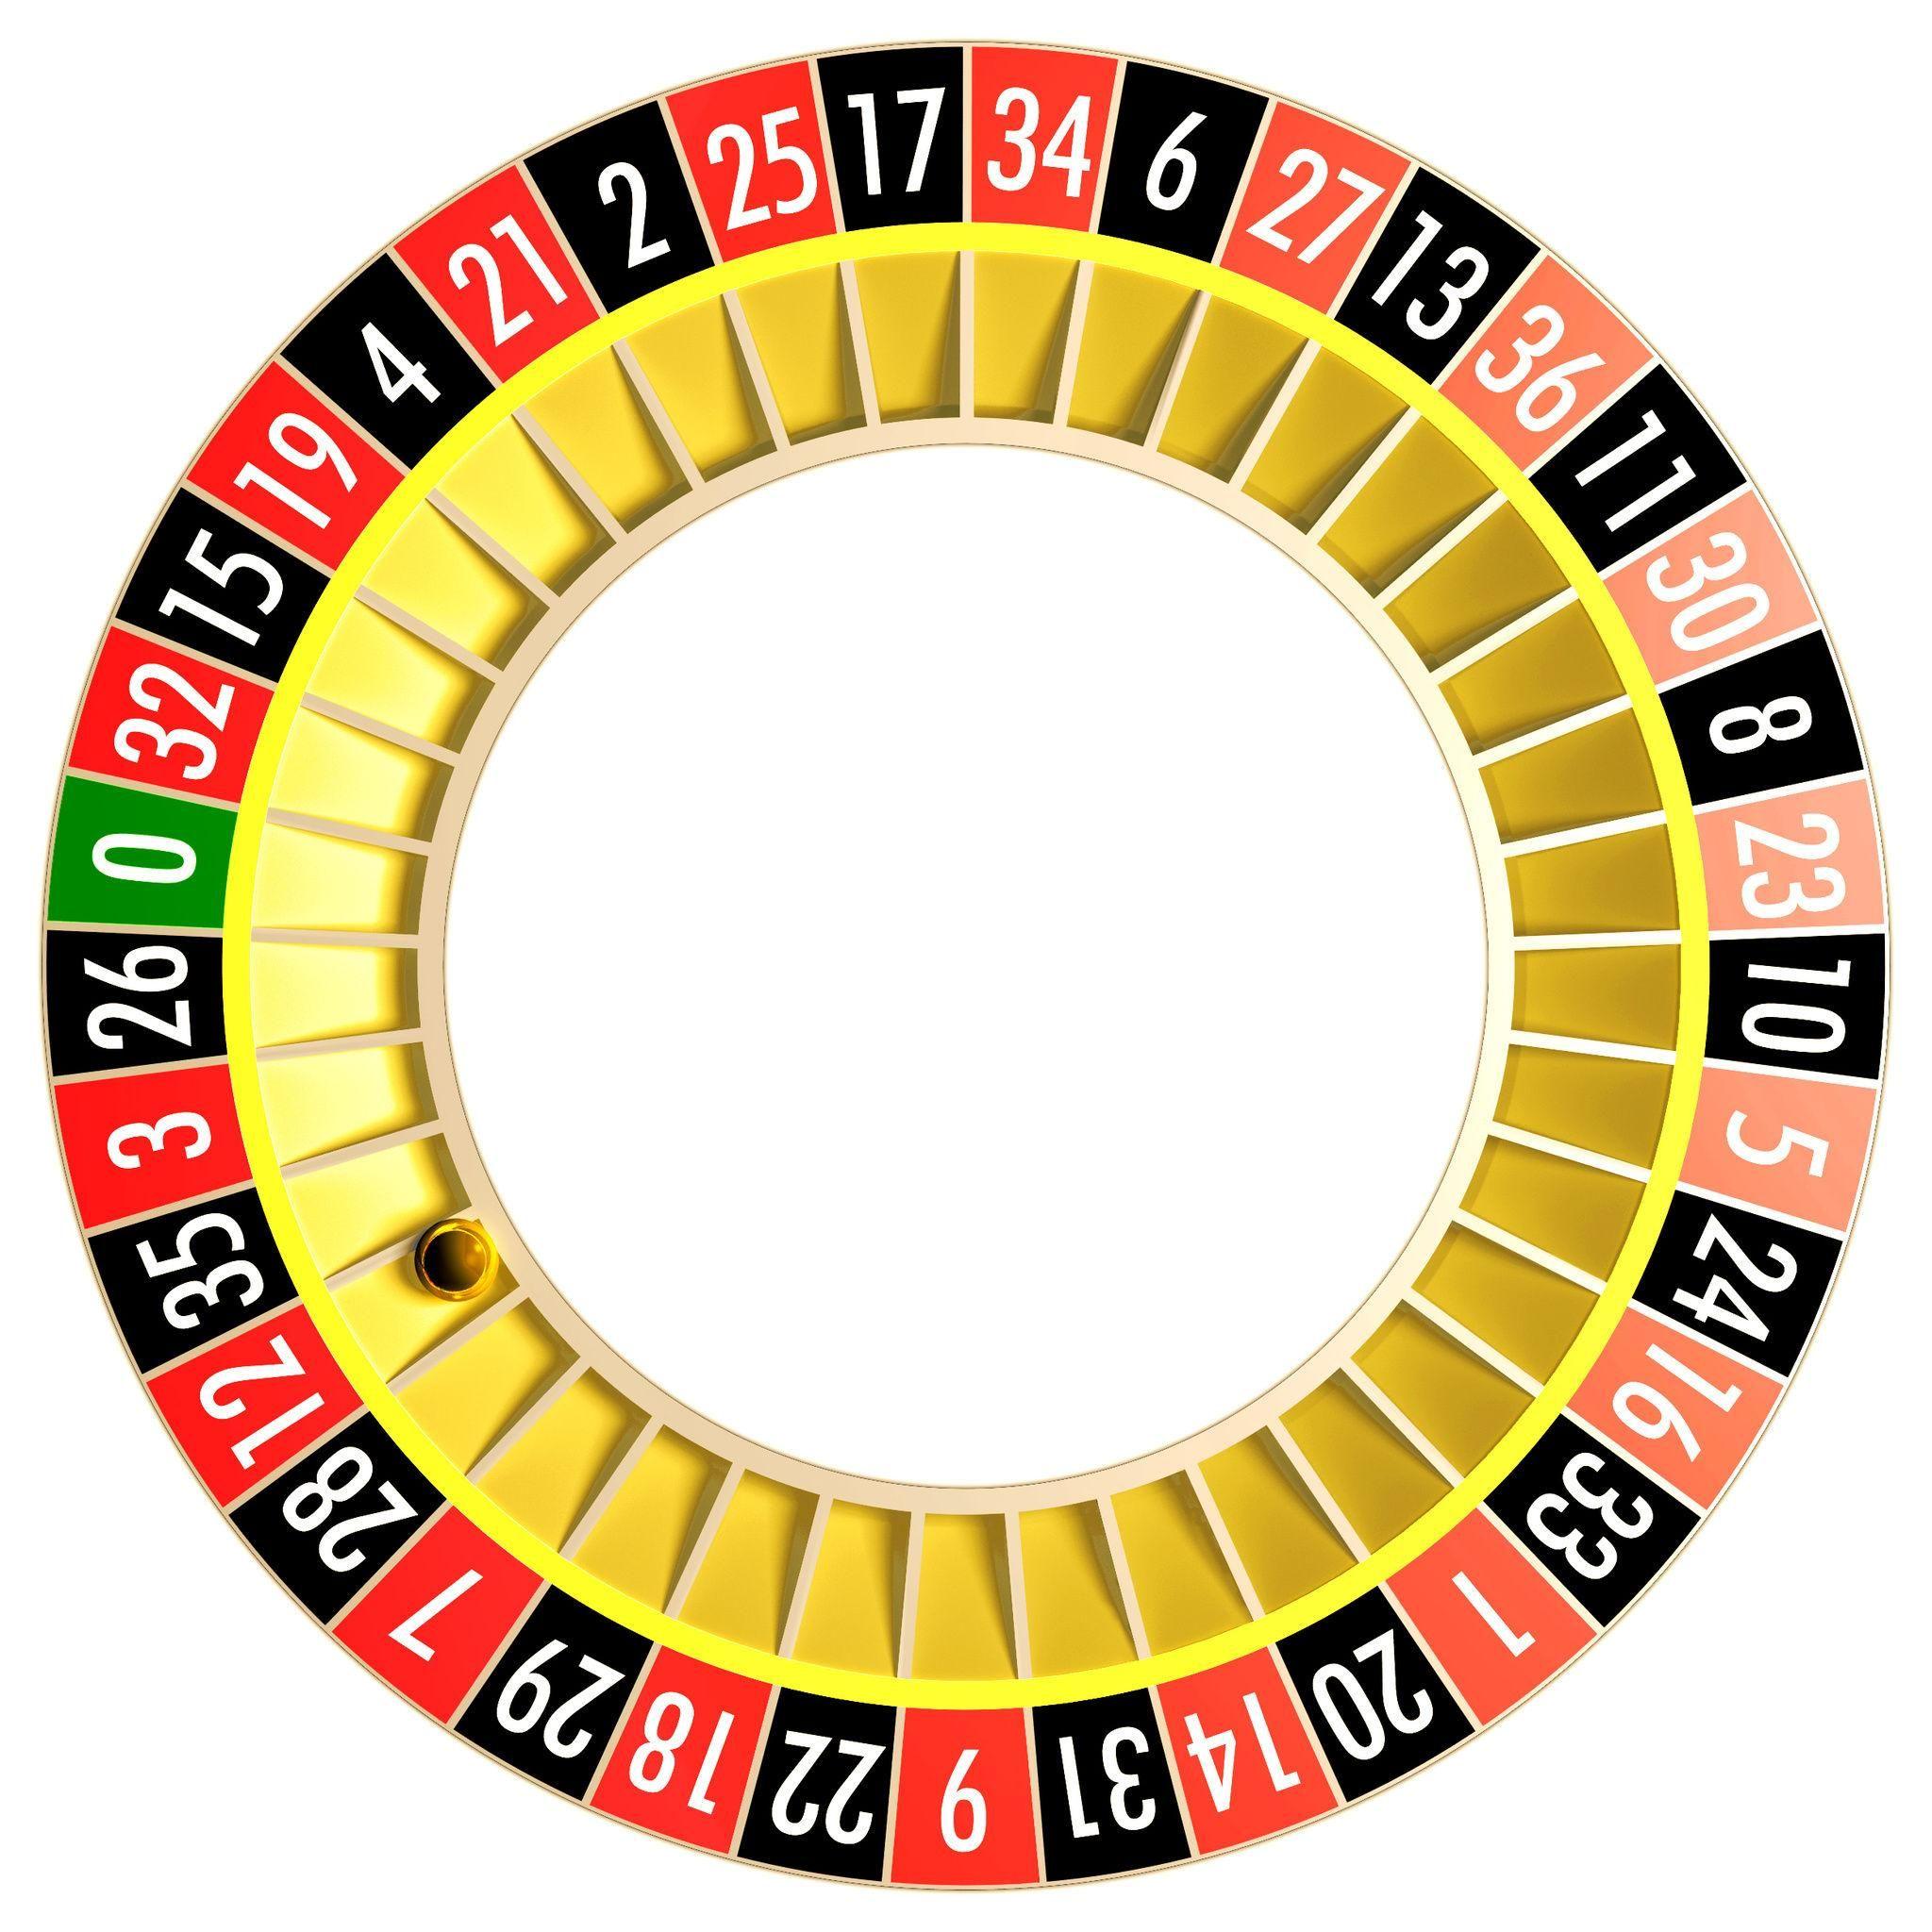 nd online casino codes